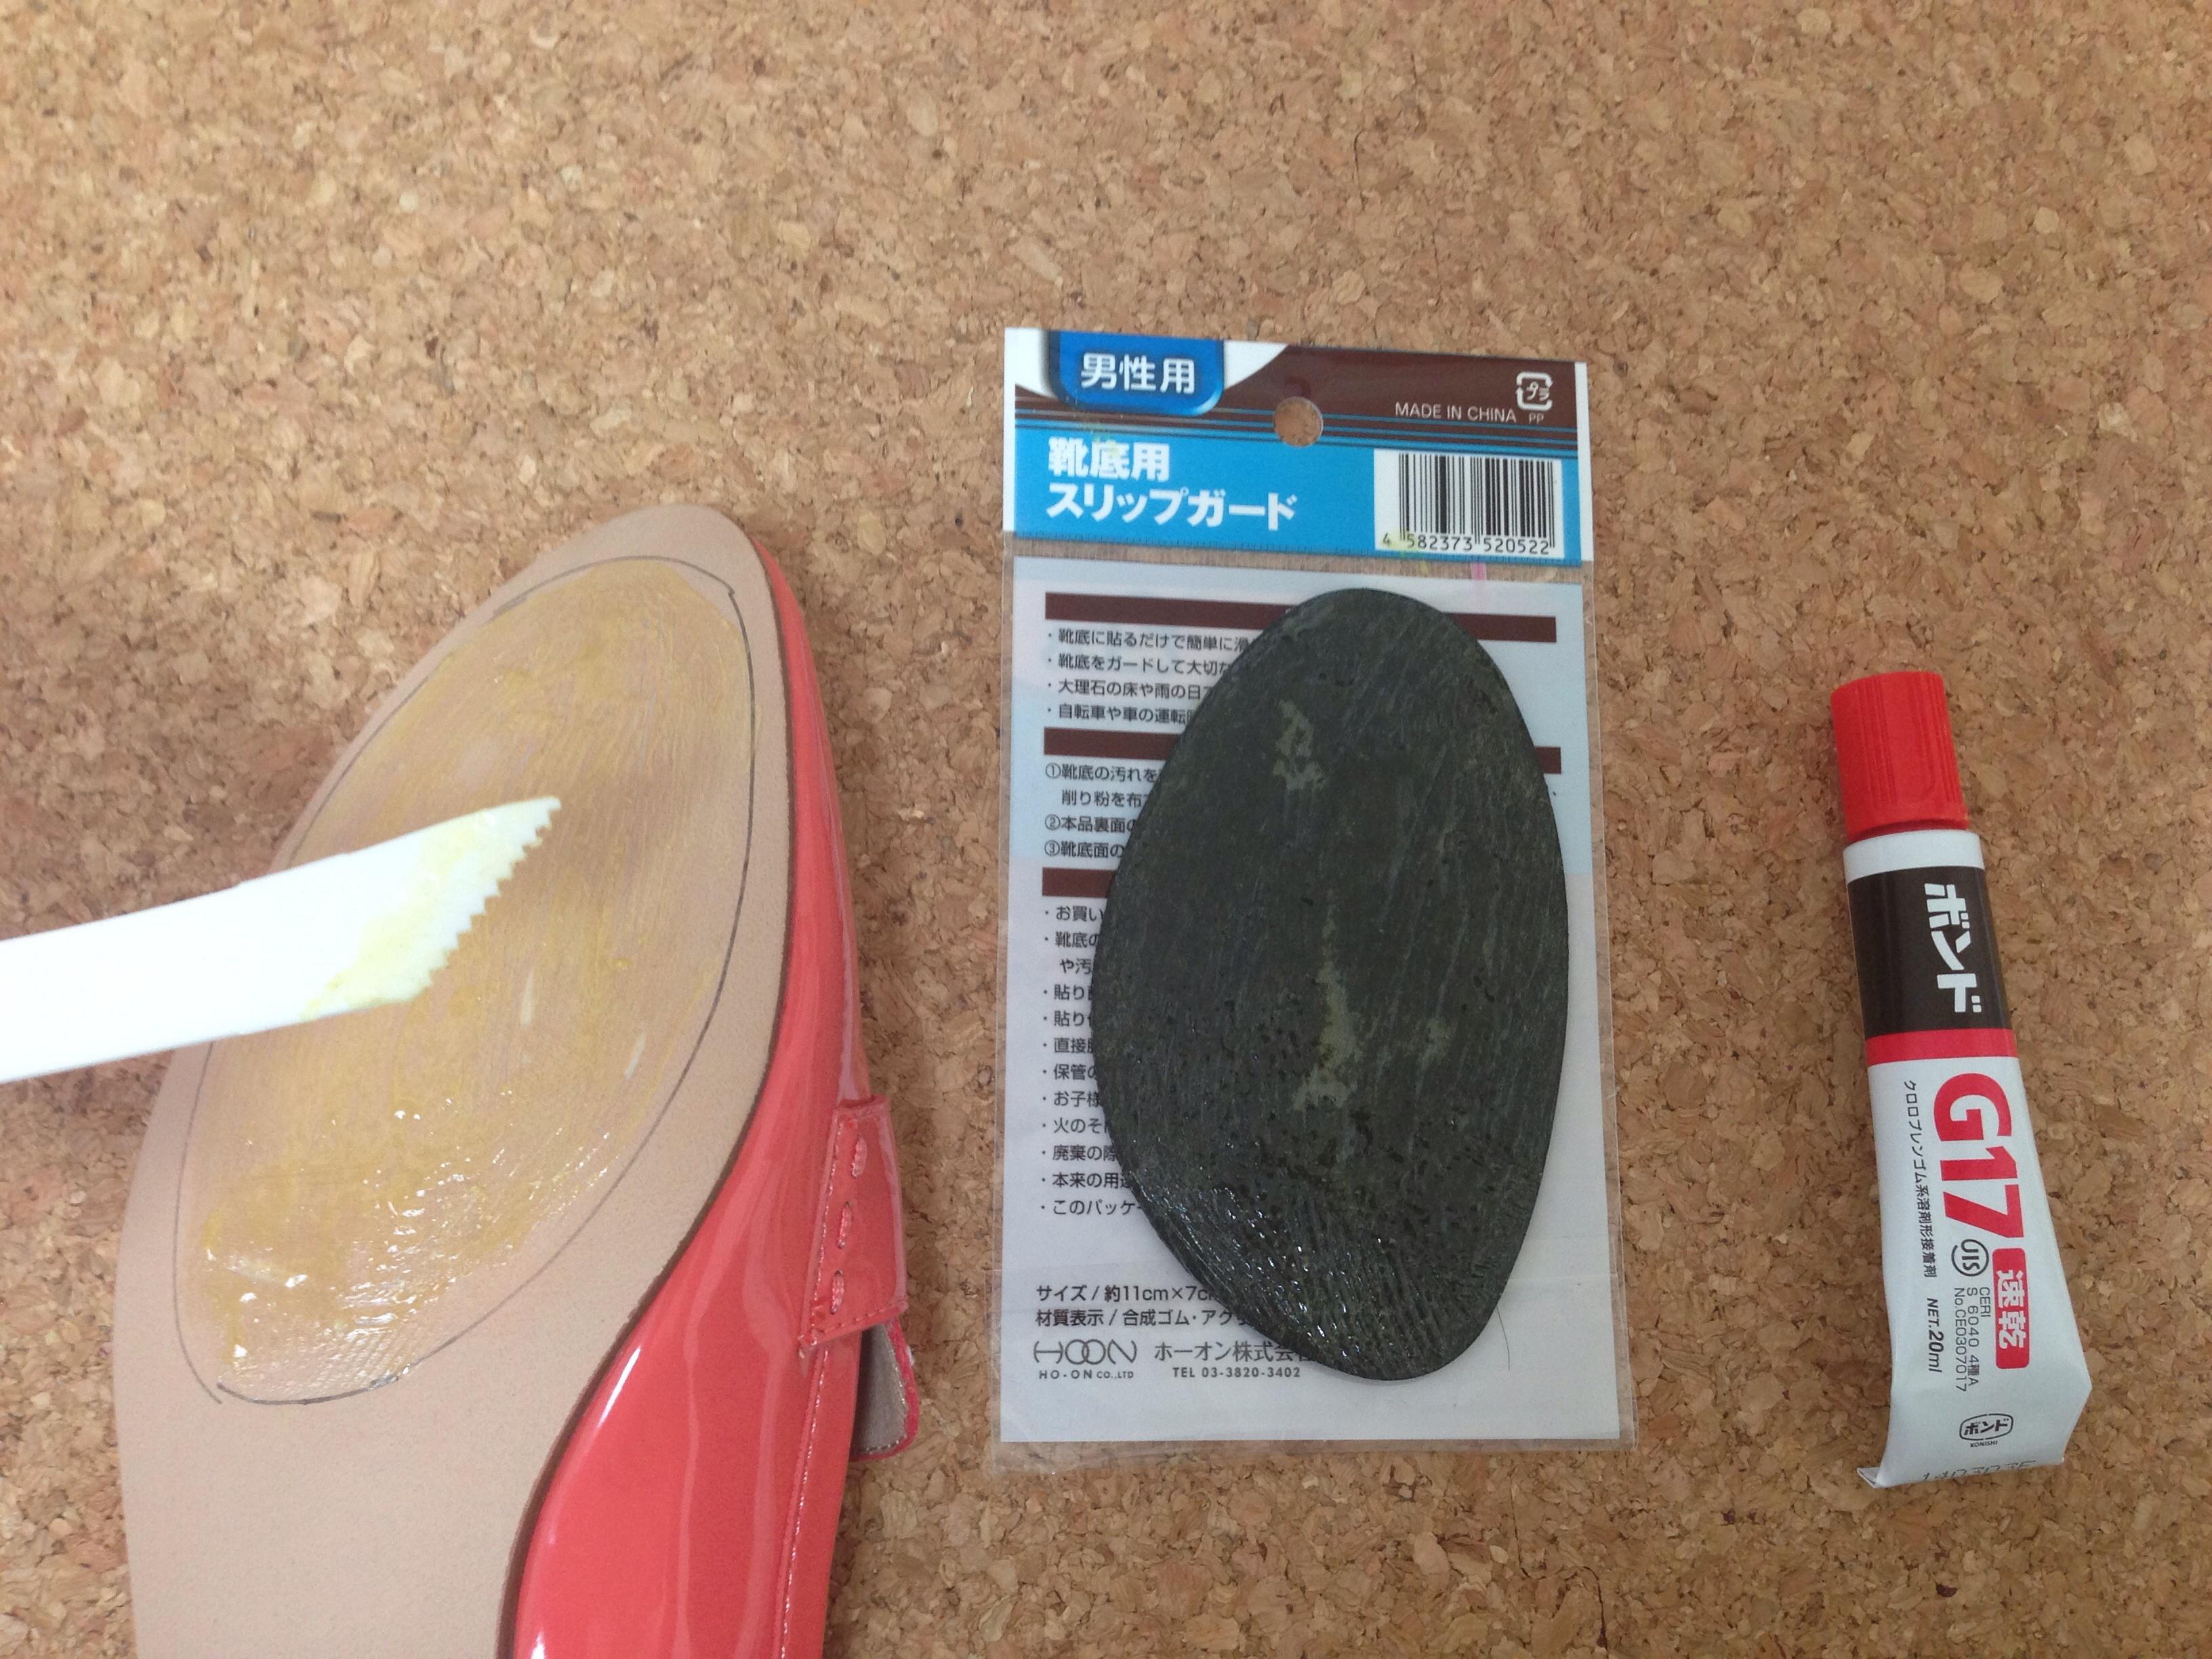 滑り止めの裏と靴底にボンドを塗り、靴底に貼り付けて圧迫します。 (ボンドを塗る前にペンで印をつけておくと便利です)